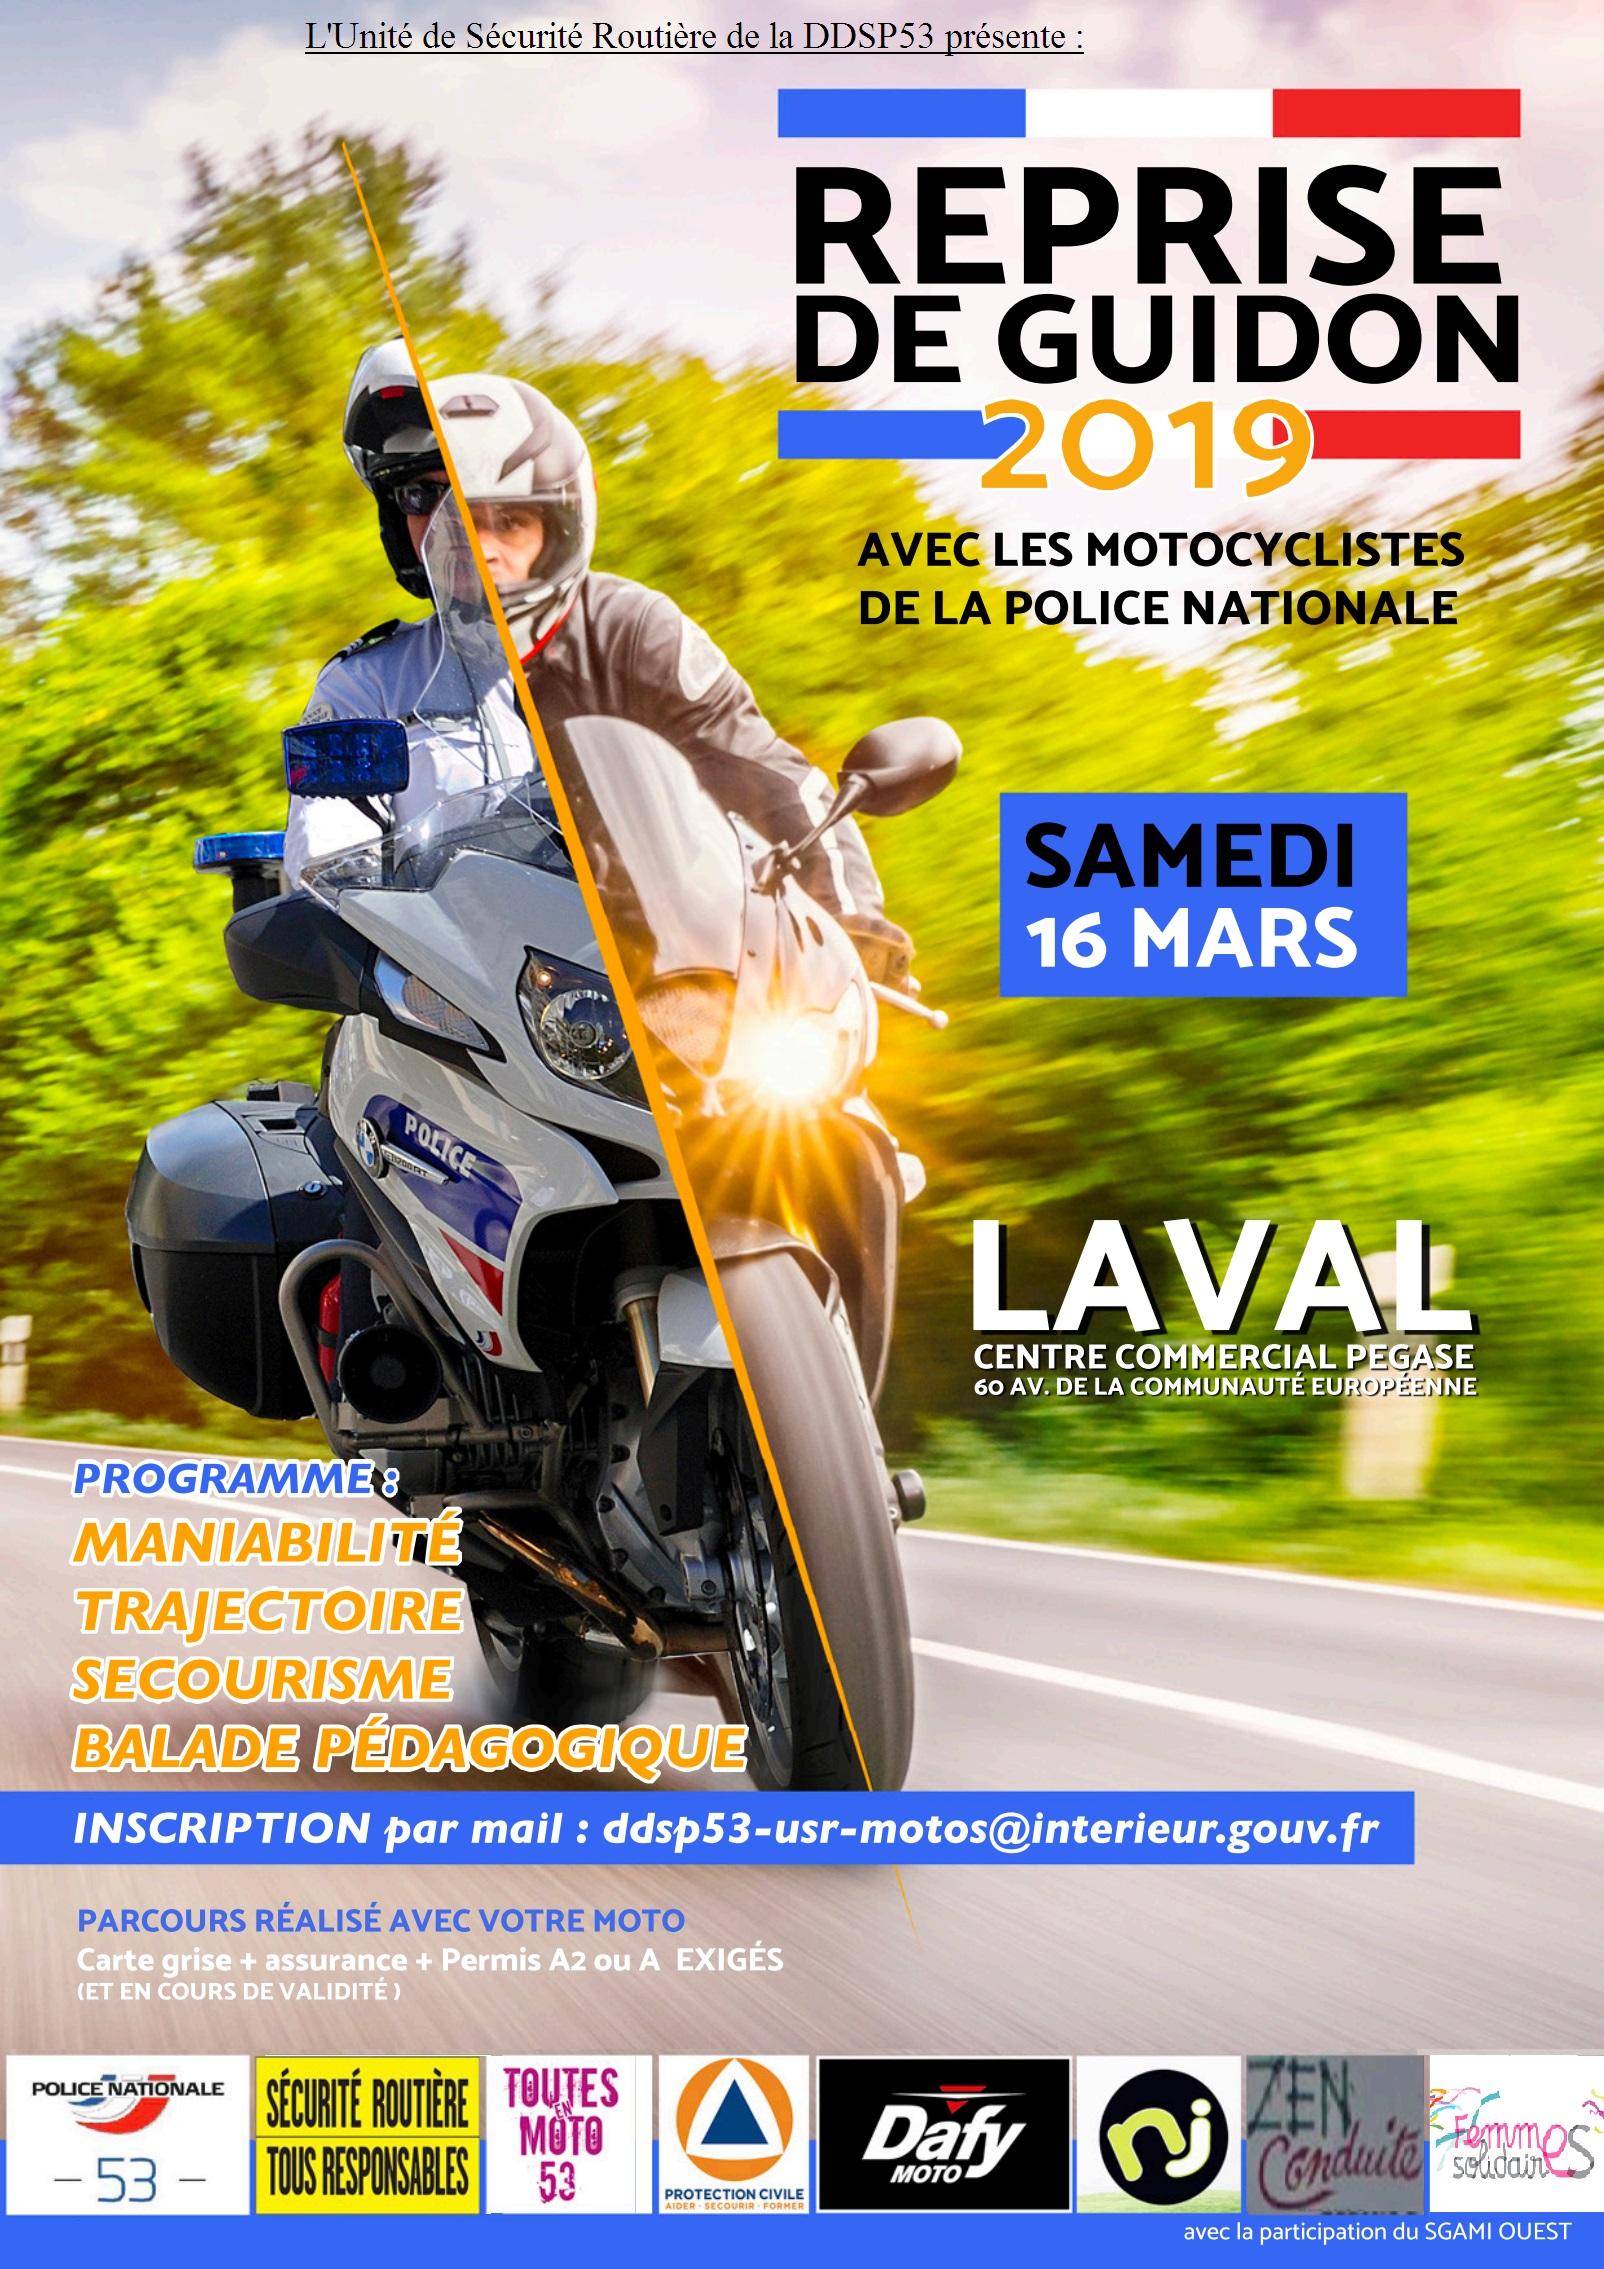 Reprise de guidon 2019 // Avec les motocyclistes de la police nationale